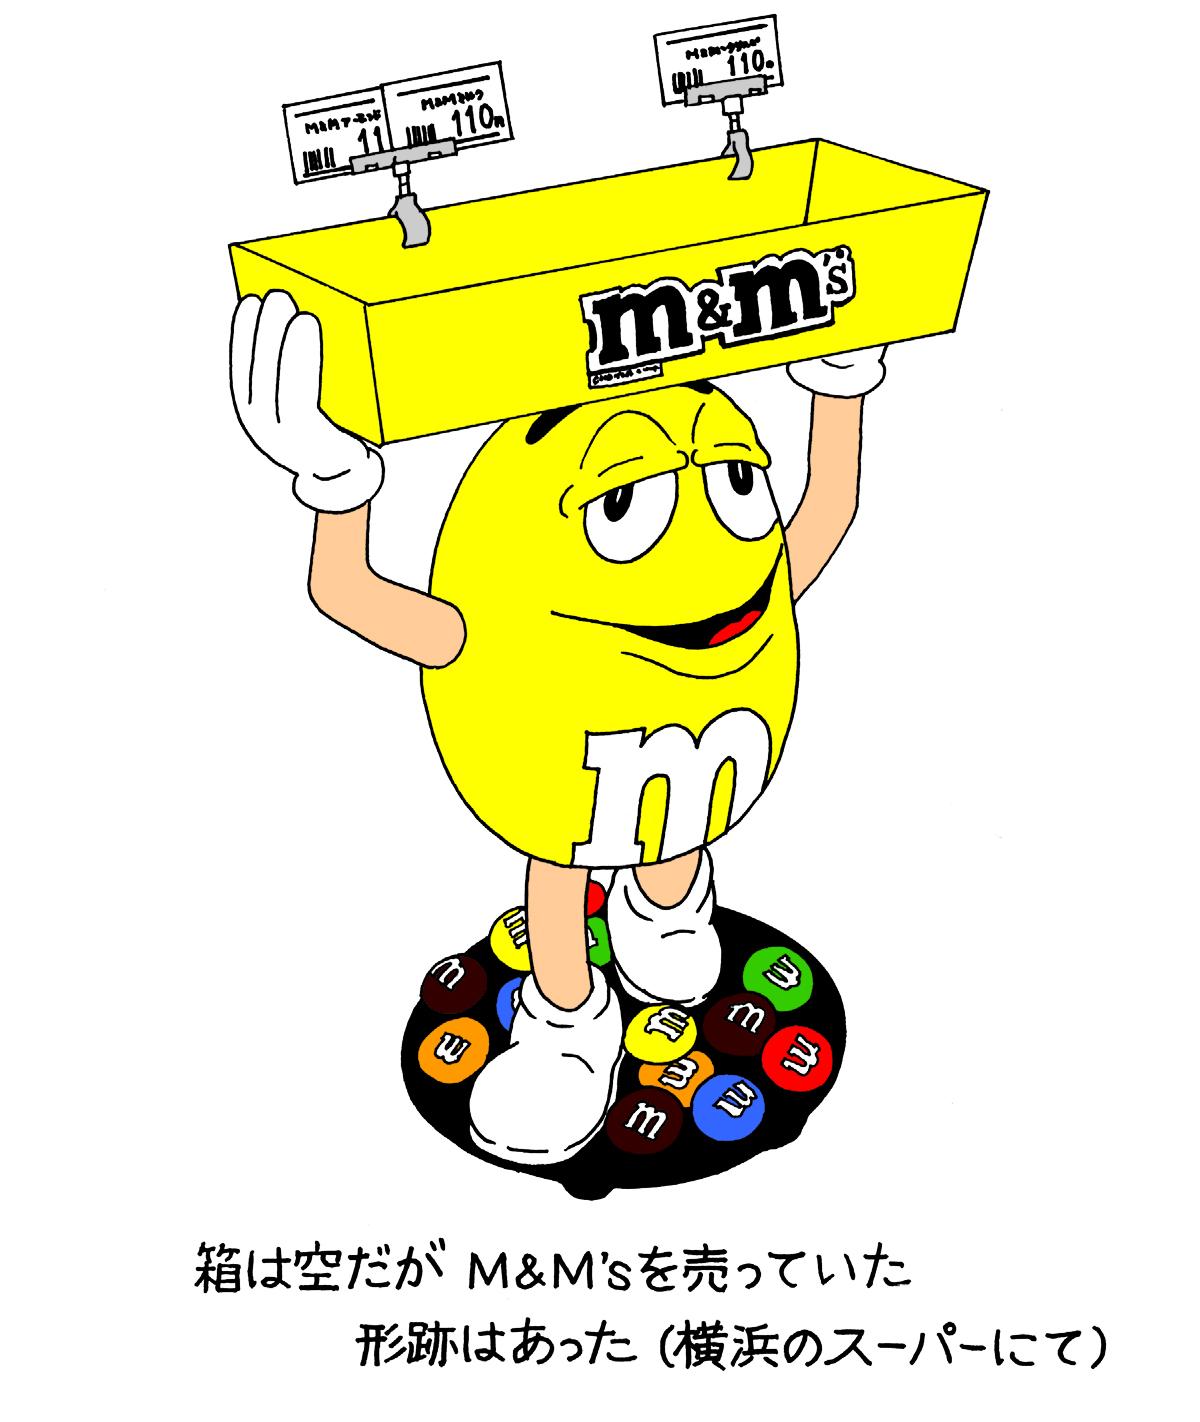 sanponotsubo-1106